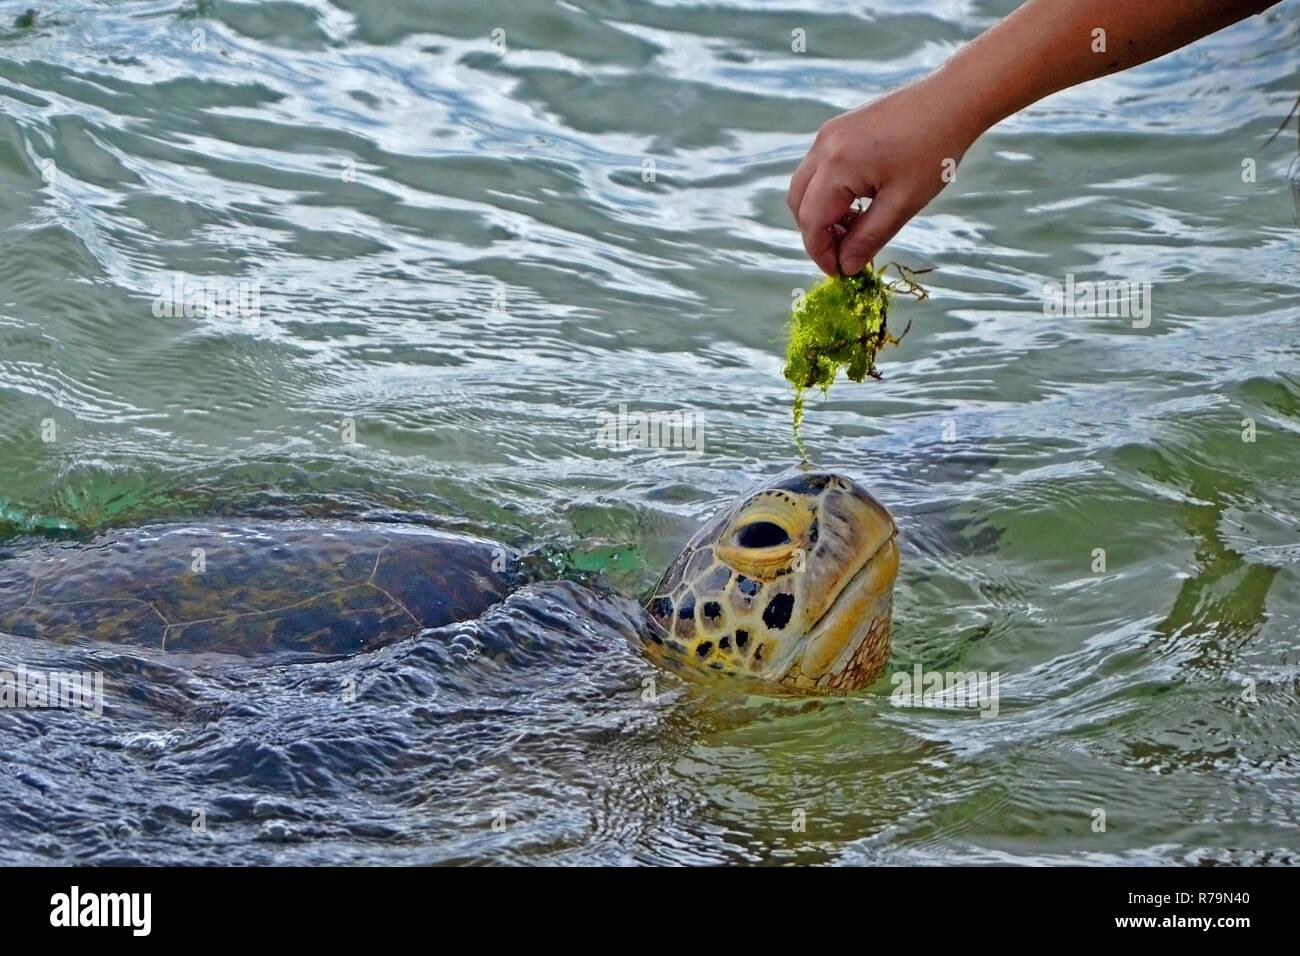 Feeds On Algae Stock Photos & Feeds On Algae Stock Images